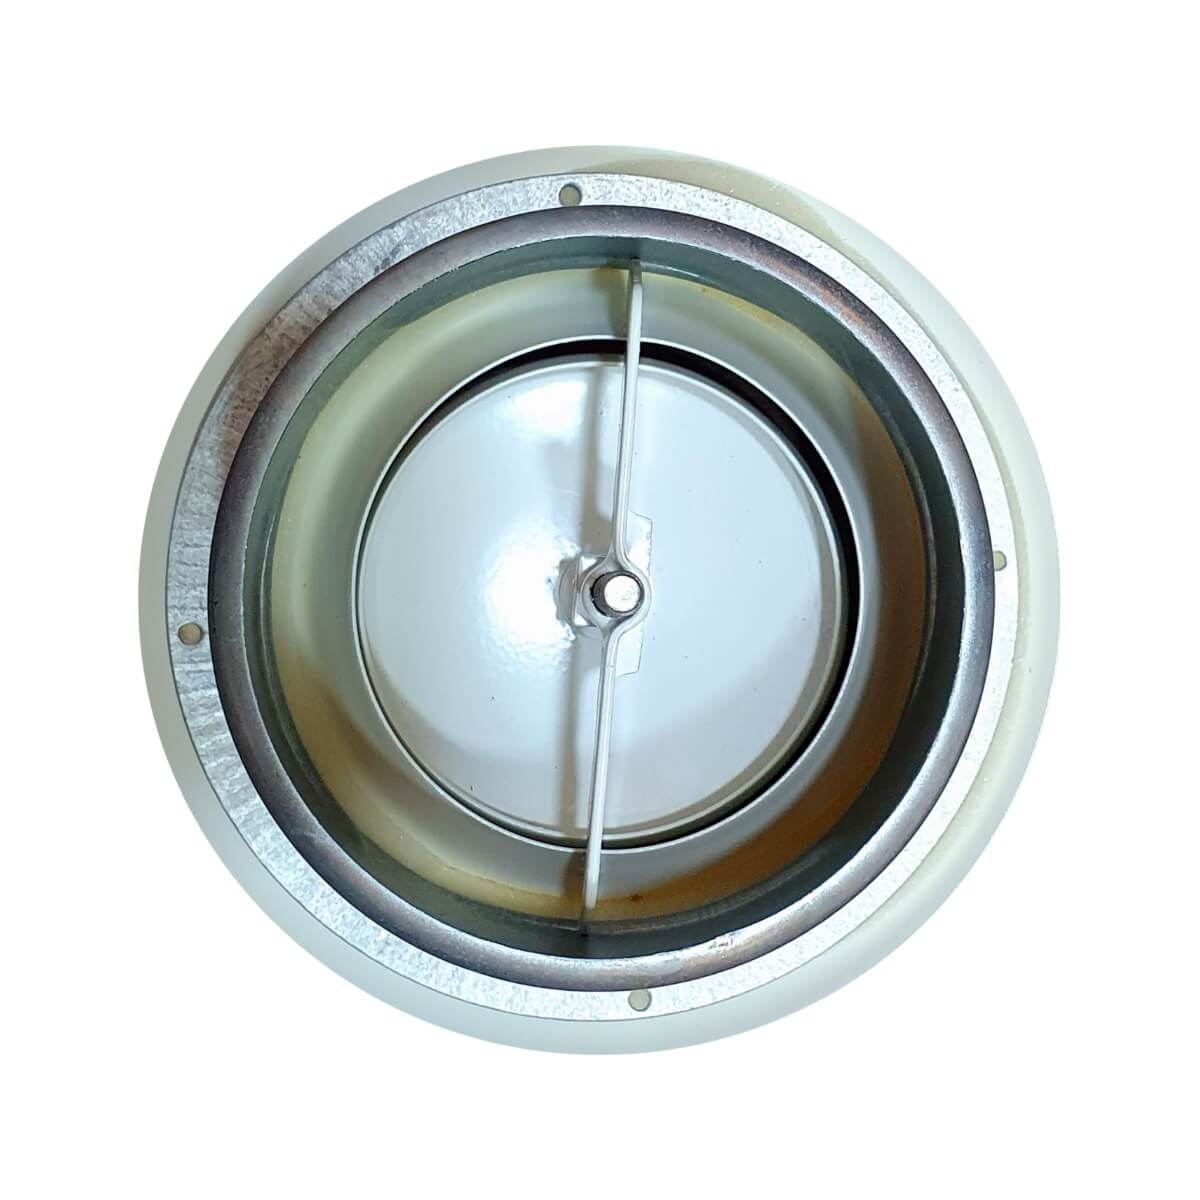 Difusor Circular Metálico de Exaustão e Insuflamento 125mm Soler & Palau